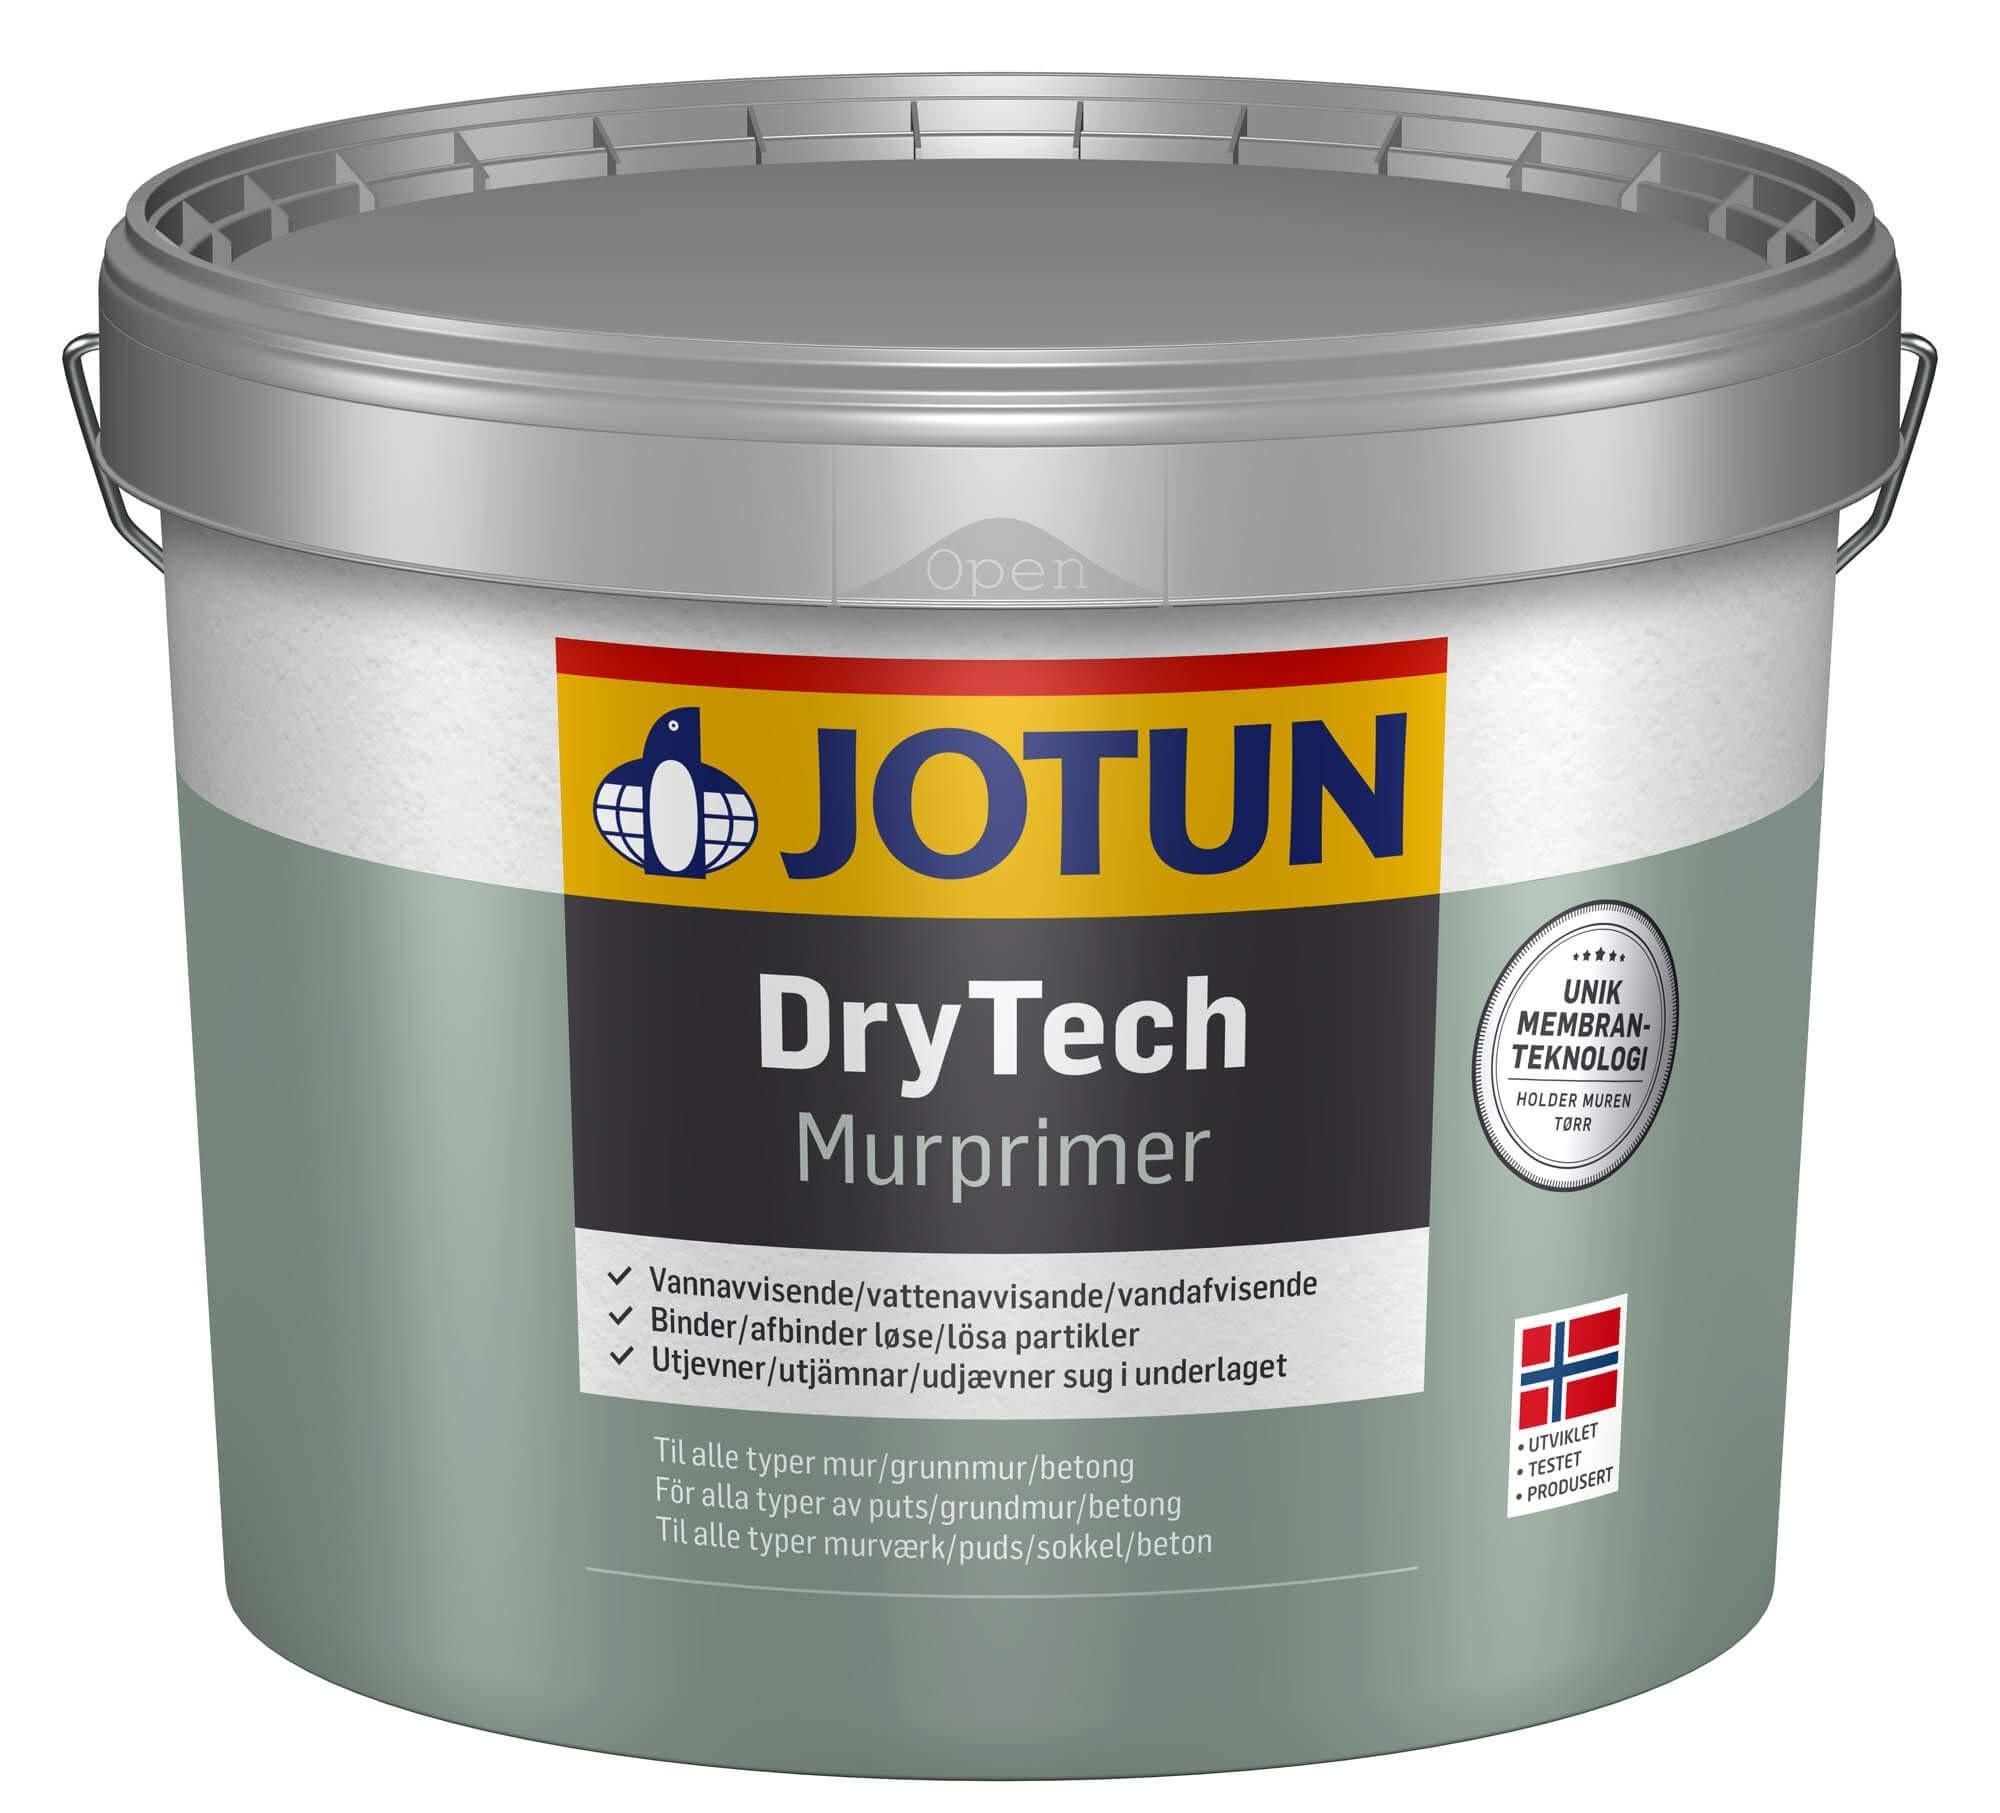 Billede af Jotun DryTech Mur Grunding 2,7 liter